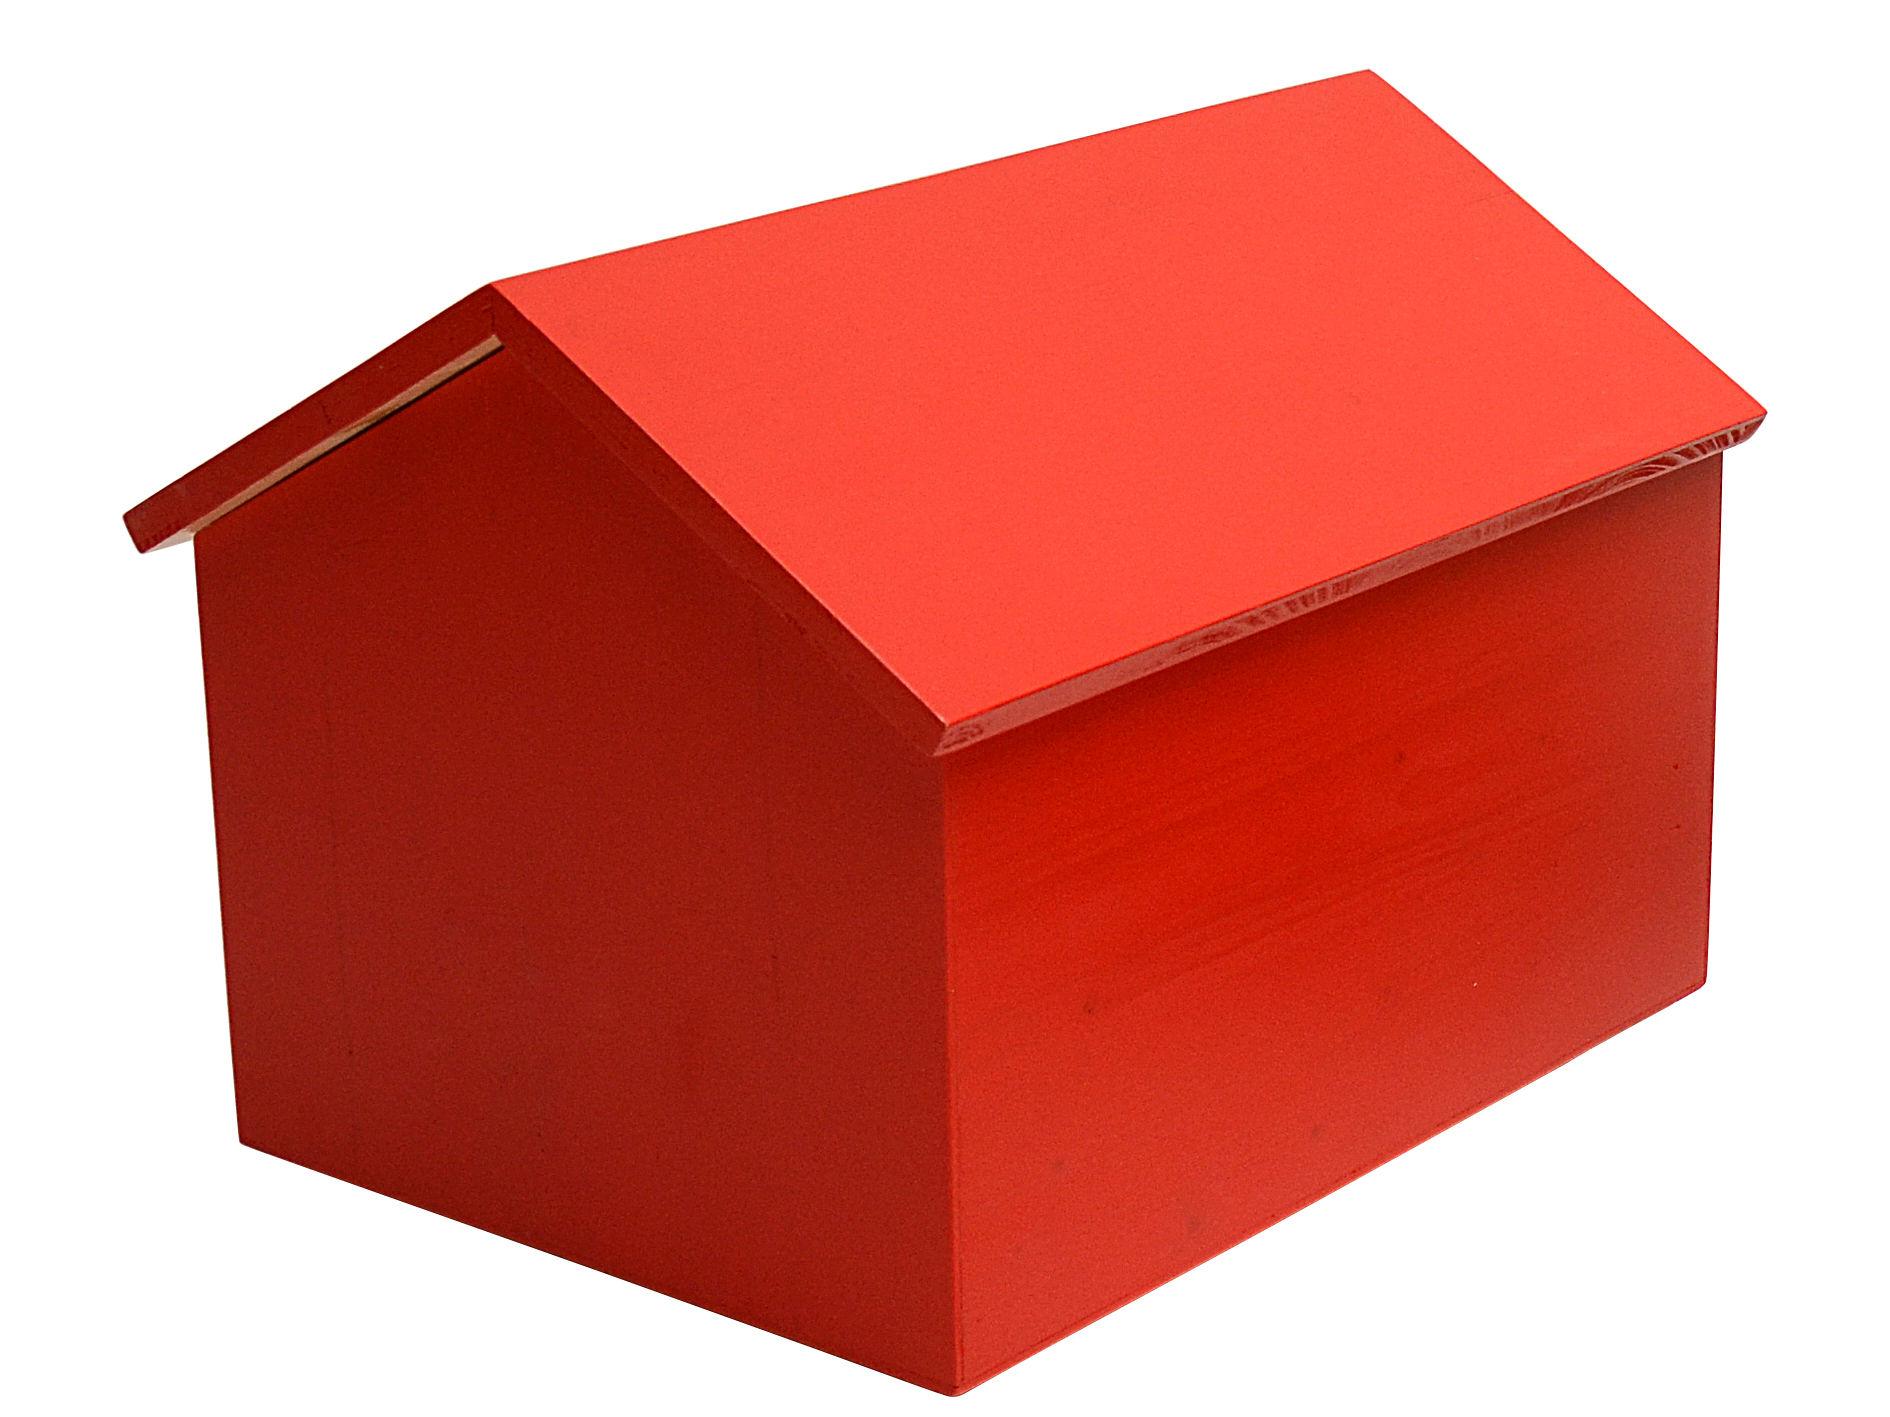 Möbel - Möbel für Kinder - Maison Kiste / groß - L 45 cm - Compagnie - Rot - mitteldichte bemalte Holzfaserplatte